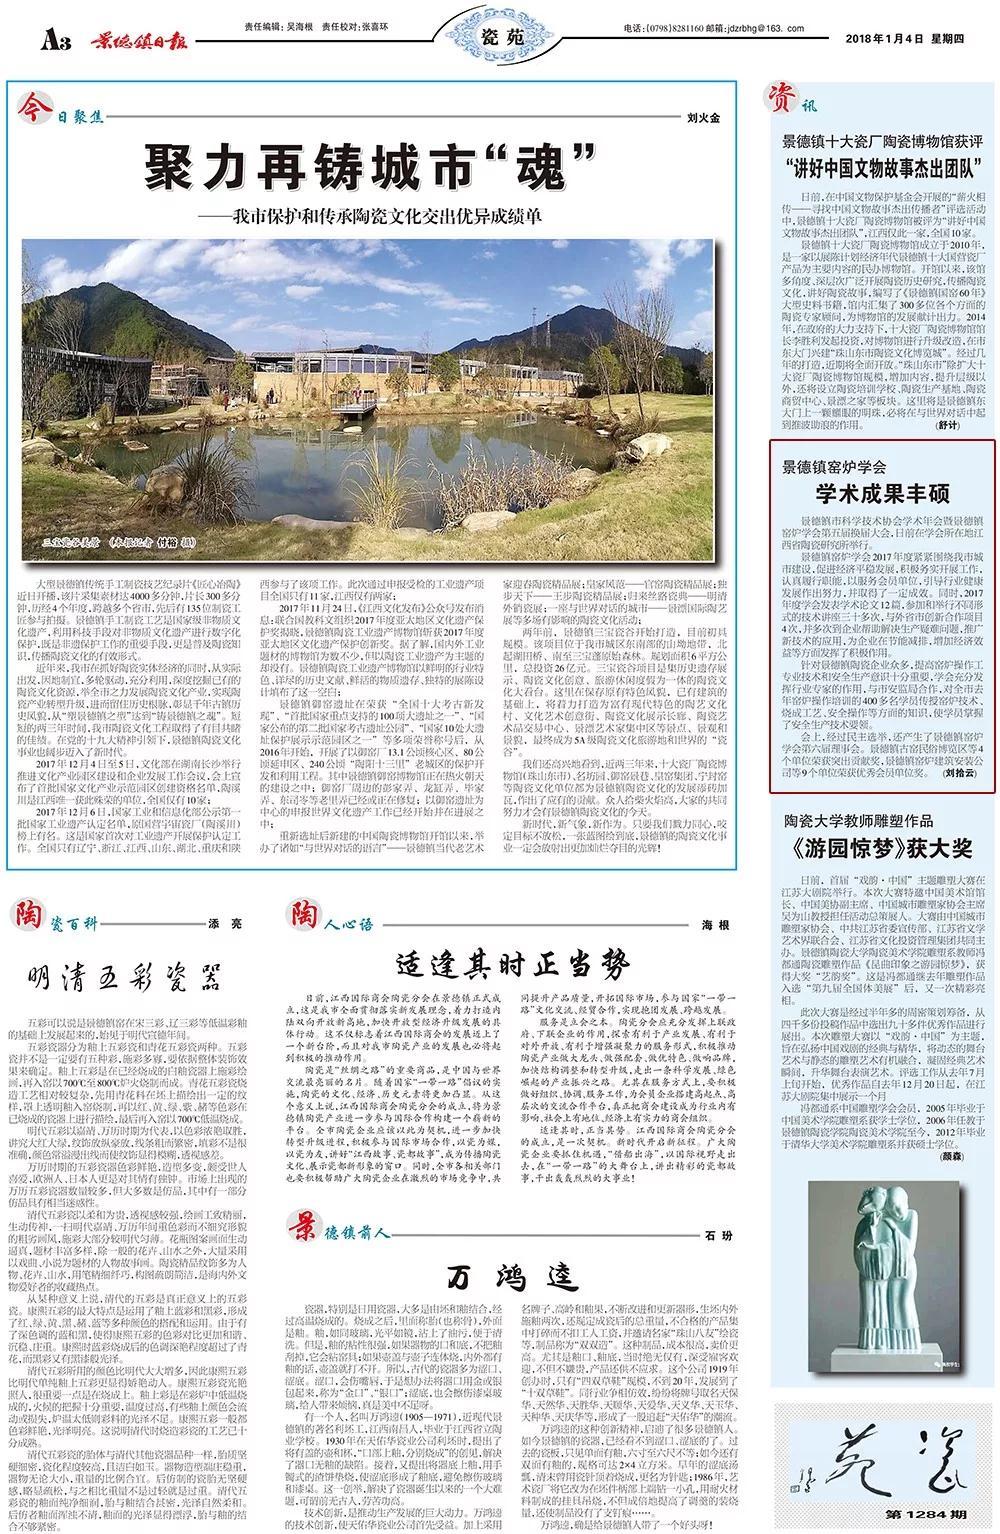 """古窑荣获窑炉学会第五届""""突出贡献"""